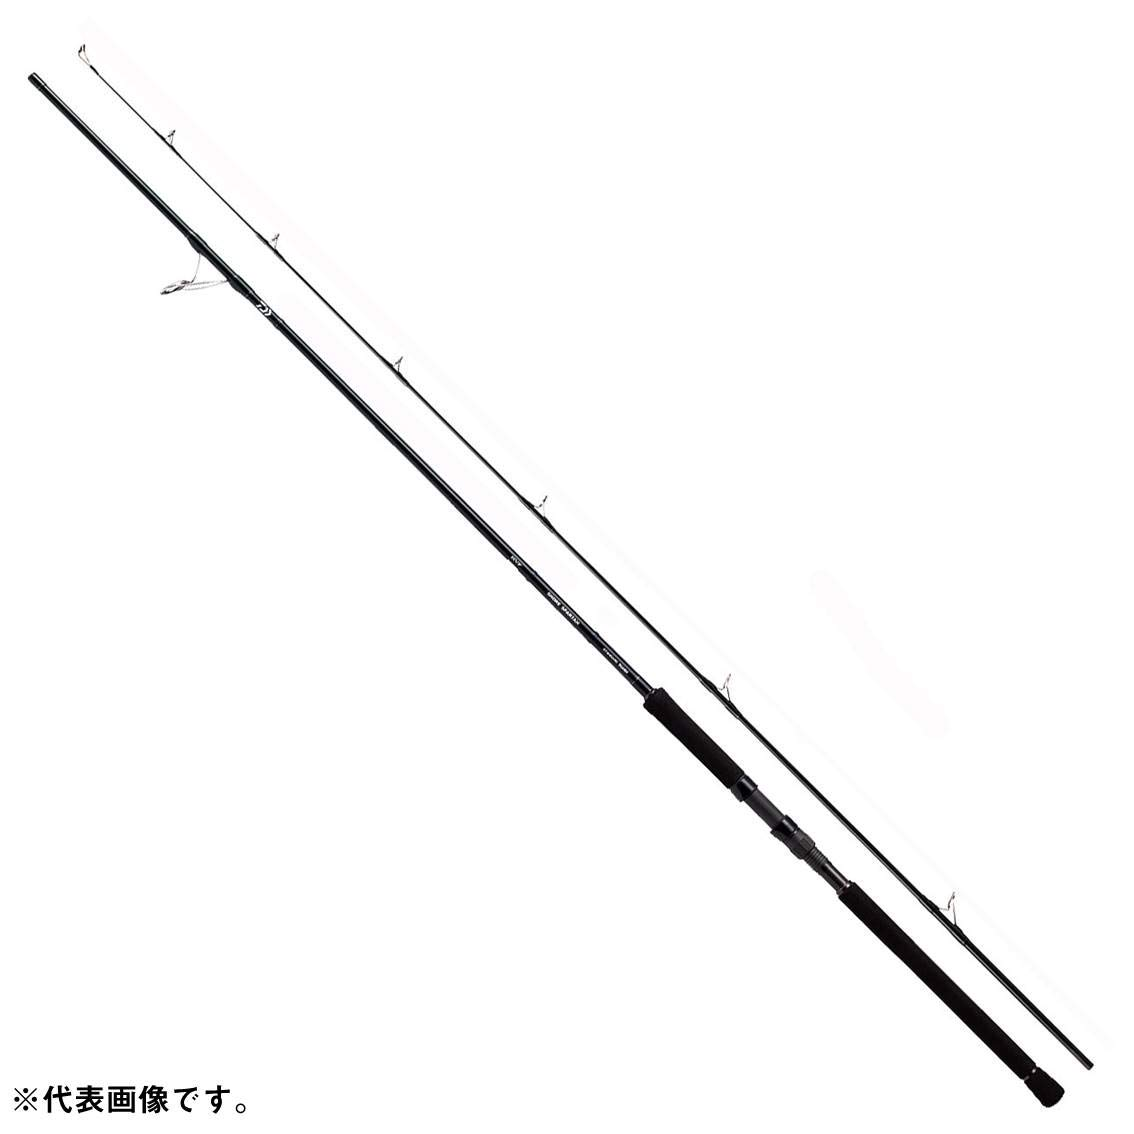 ダイワ(Daiwa) ショアジギングロッド スピニング ショアスパルタン スタンダード 106MH 釣り竿